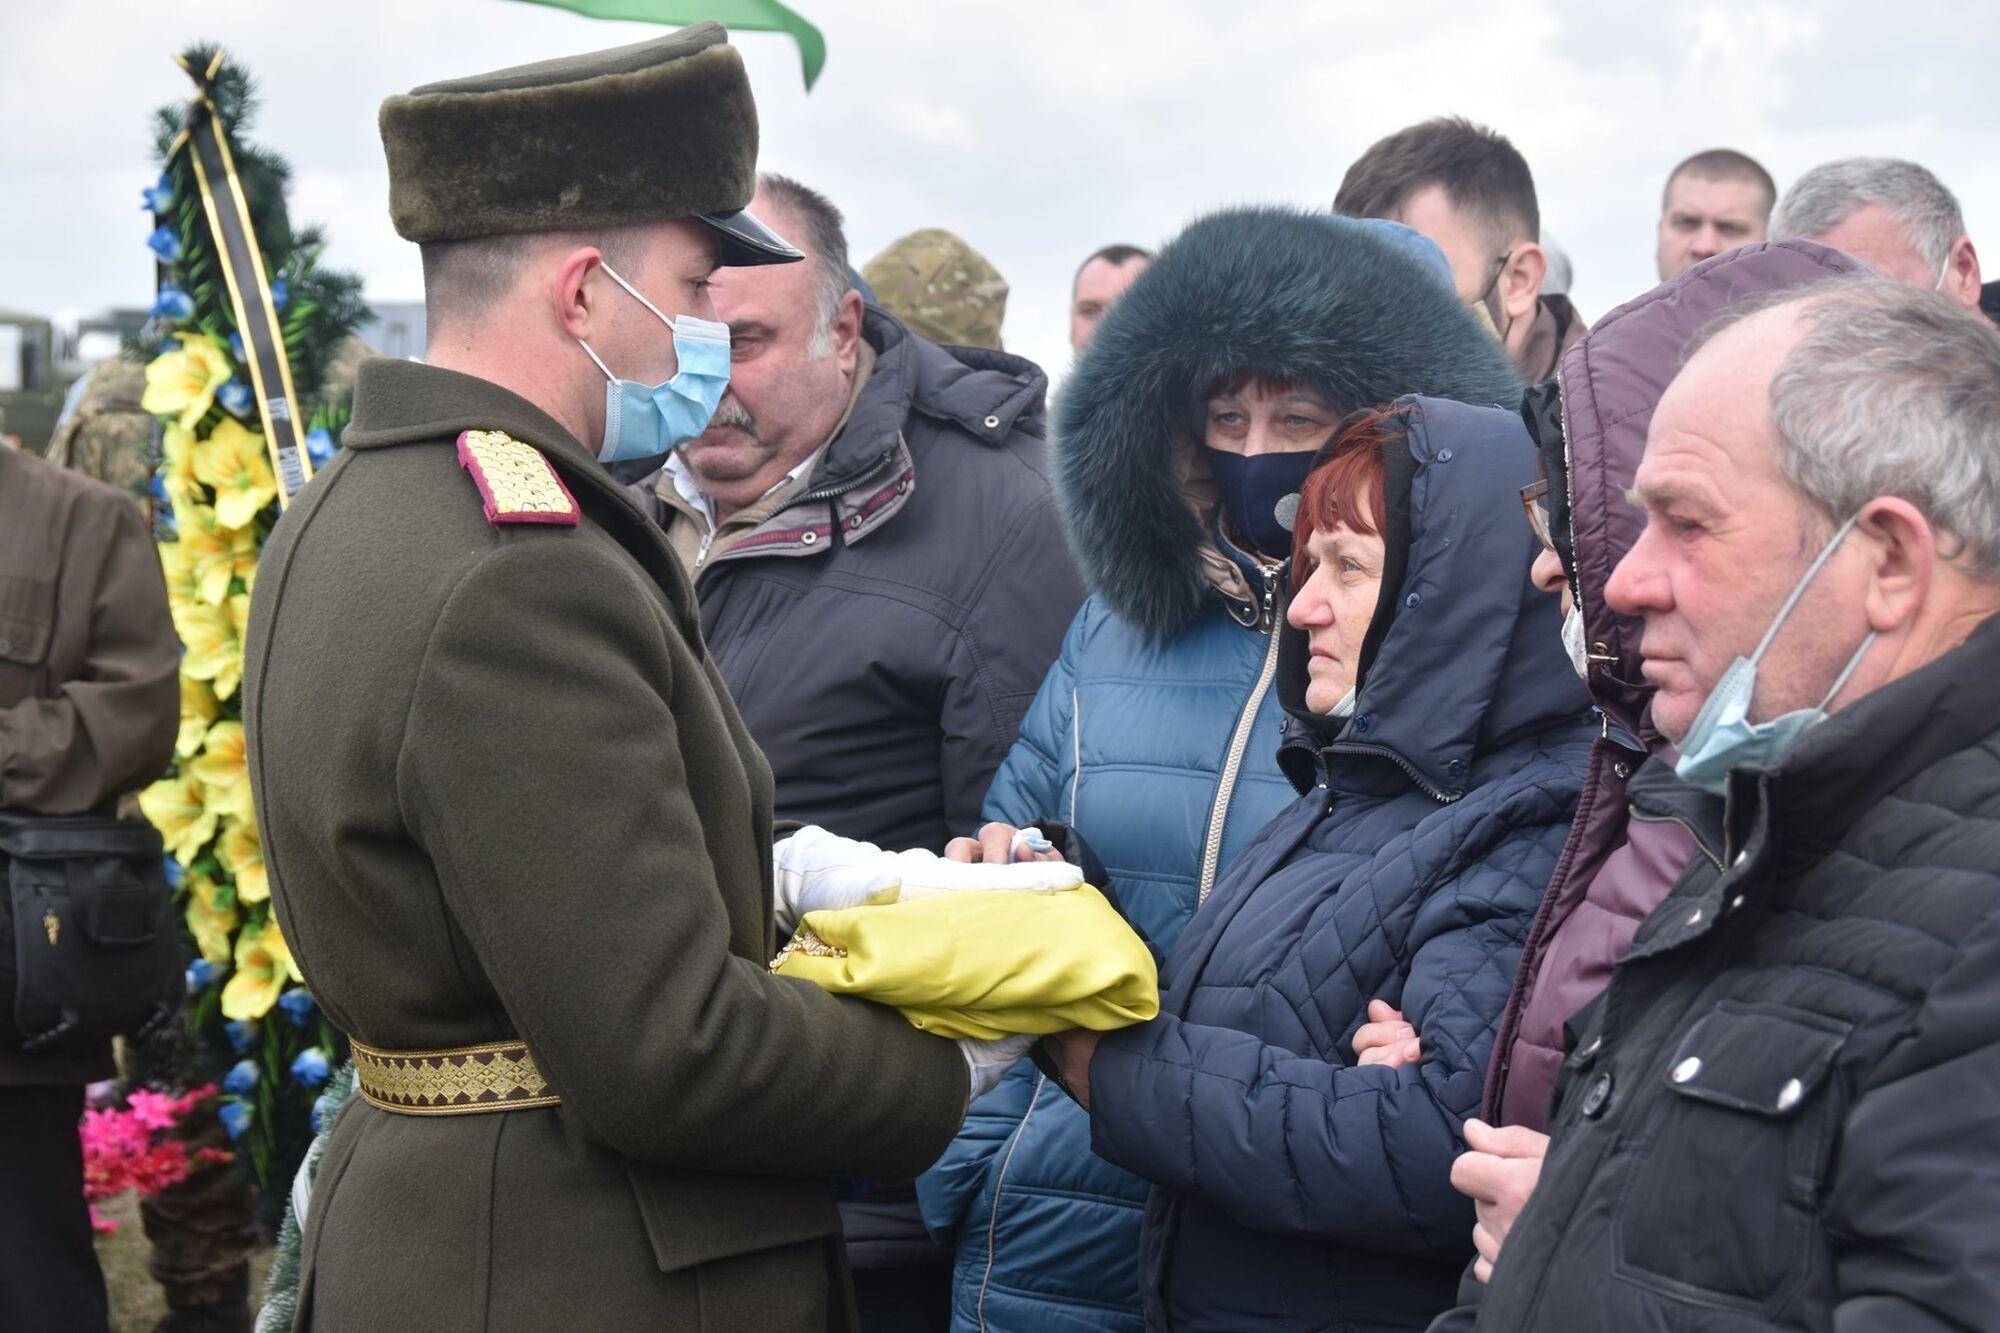 Батькам Володимира Шпака вручили прапор, яким була покрита його труна